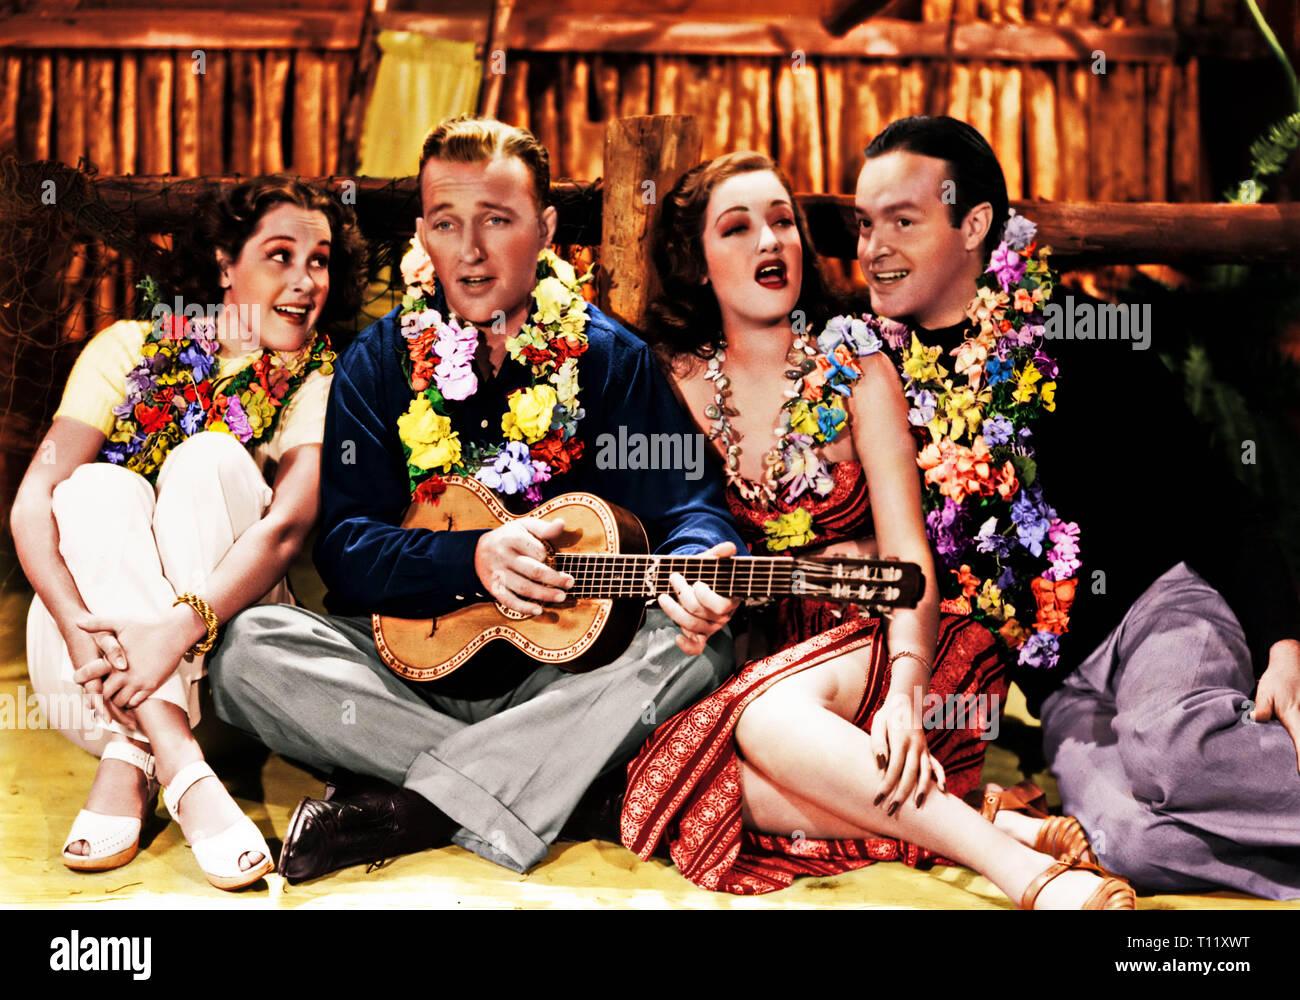 1940 semi-américaine encore de comédie film réalisé par Victor Schertzinger et avec Bing Crosby, Dorothy Lamour and Bob Hope. Basé sur une histoire de Harry Hervey, c'est un film sur deux playboys essaie d'oublier les romances dans la colonie de Singapour, où ils rencontrent une belle femme. Distribué par Paramount Pictures, le film a marqué le début de la longue et populaire 'Road to ...' série de photos mettant en lumière le trio, sept au total. L'appui comprend Charles Coburn, Anthony Quinn, et Jerry Colonna. Elle a lieu à Singapour sous la domination britannique. Hollywood: crédit Pho Photo Stock